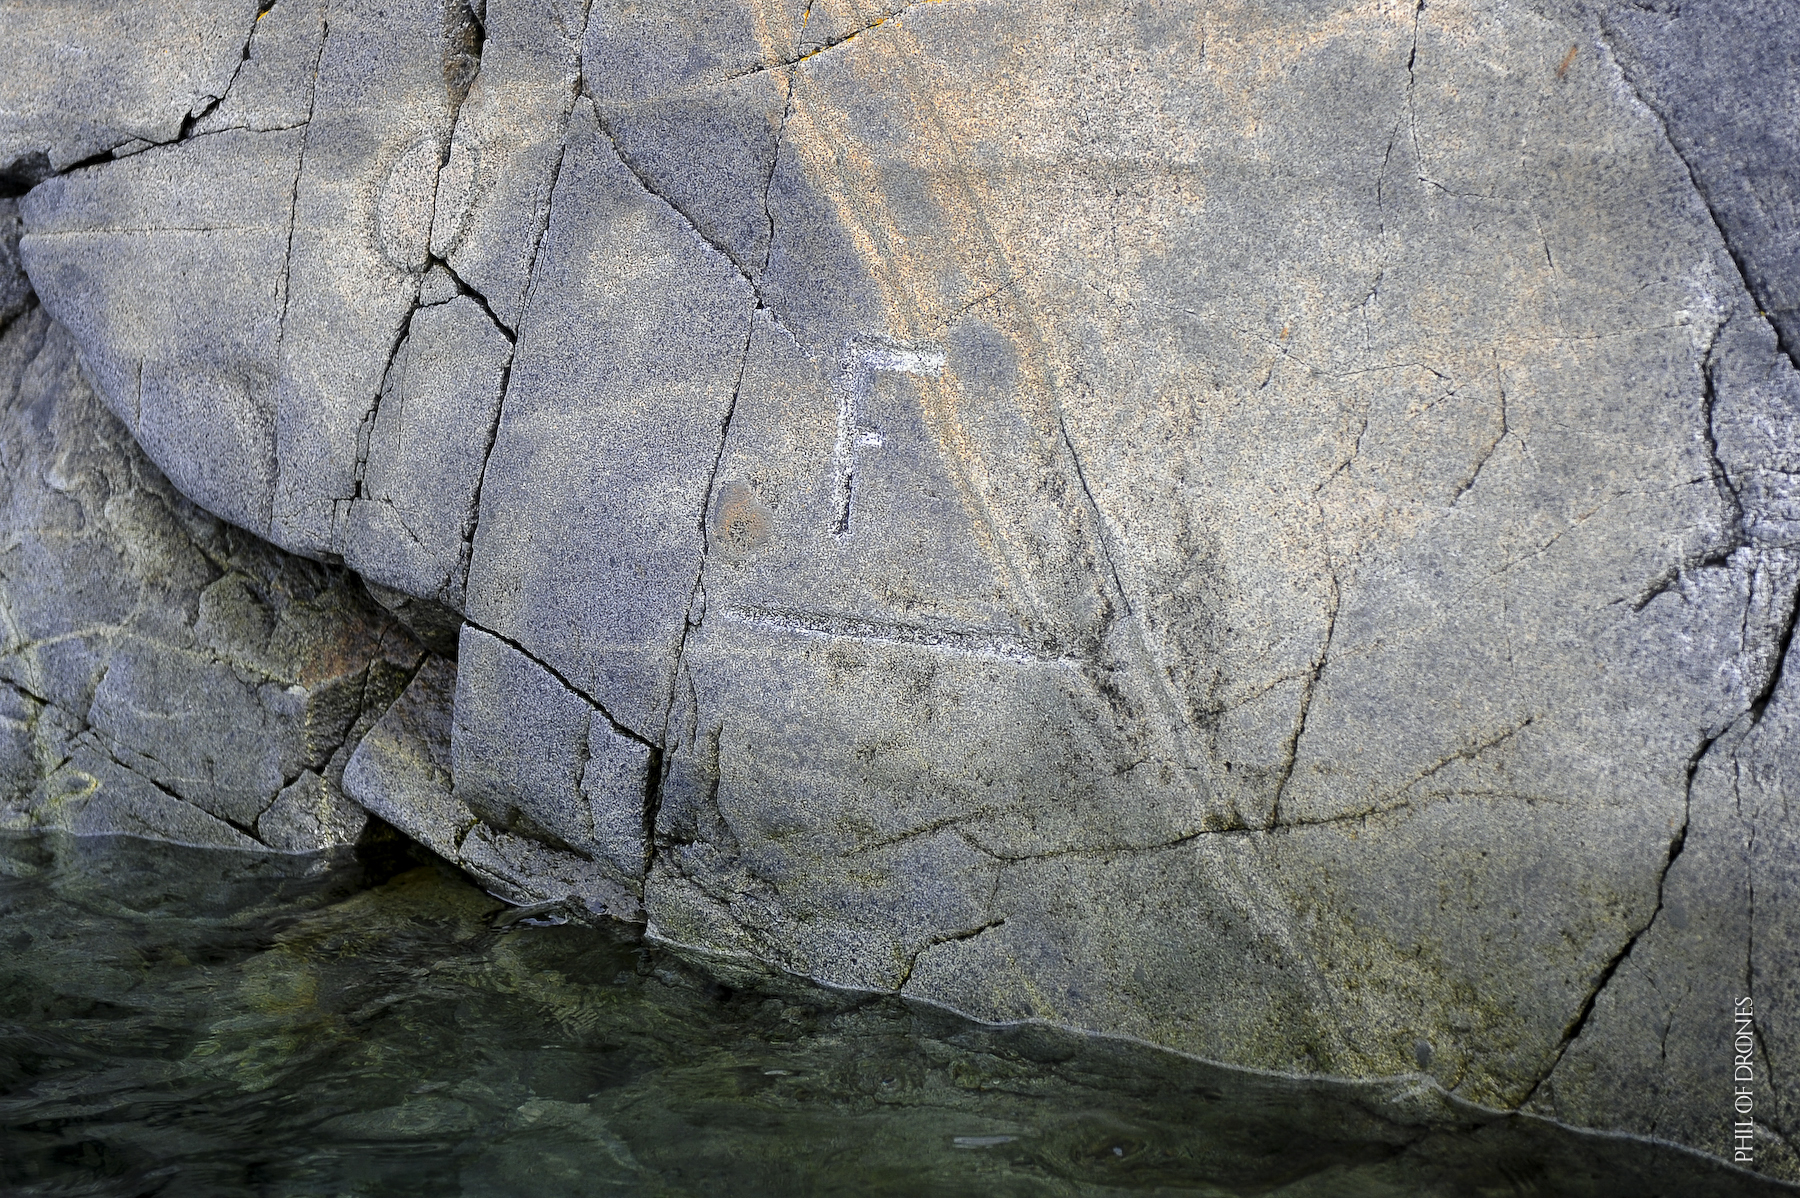 Le F du bateau le Français du Commandant Charcot gravé sur la roche dans la baie de Pléneau.